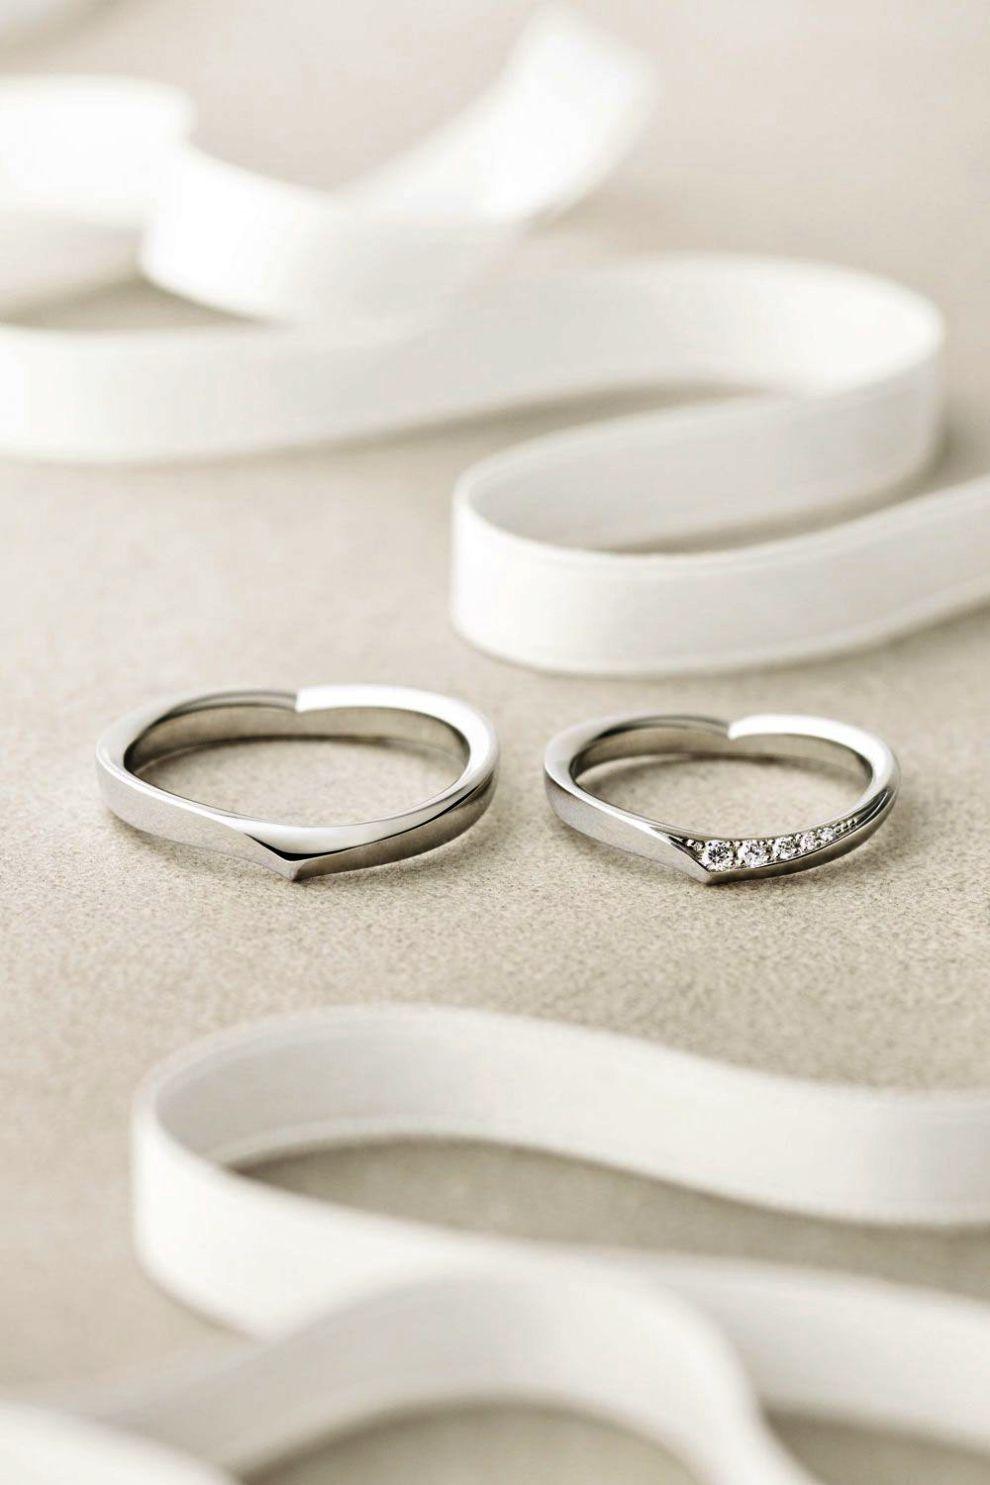 Couple Wedding Rings Gold In Sri Lanka In 2020 Couple Wedding Rings Marriage Ring Couple Ring Design